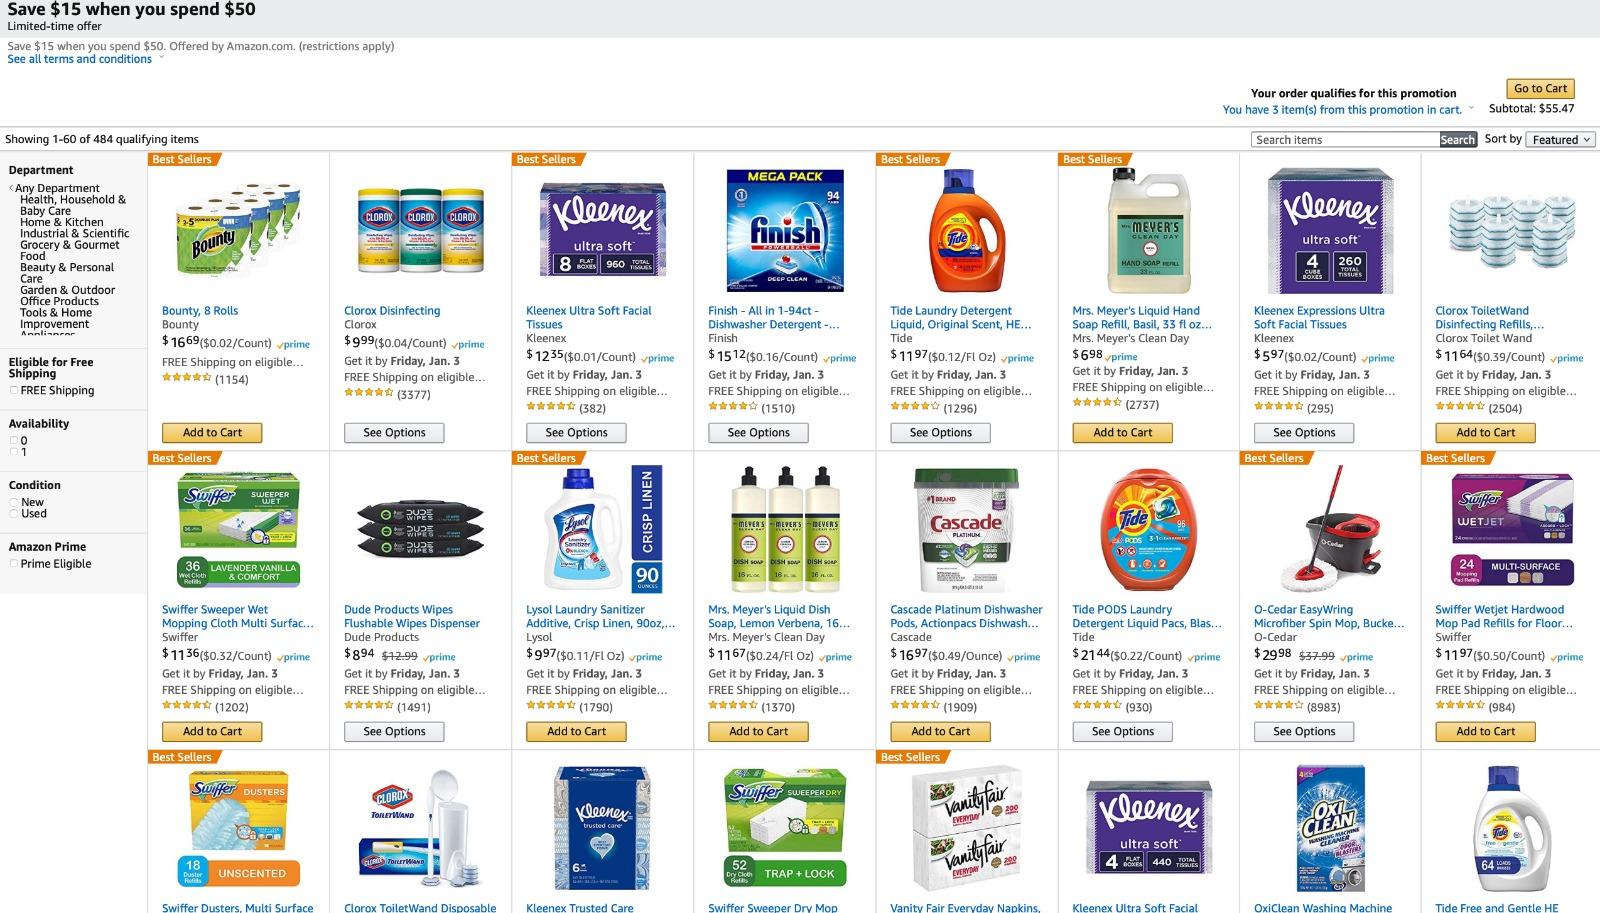 סייל מטורף על מוצרי צריכה באמאזון! 15$ הנחה על מגוון מוצרים!